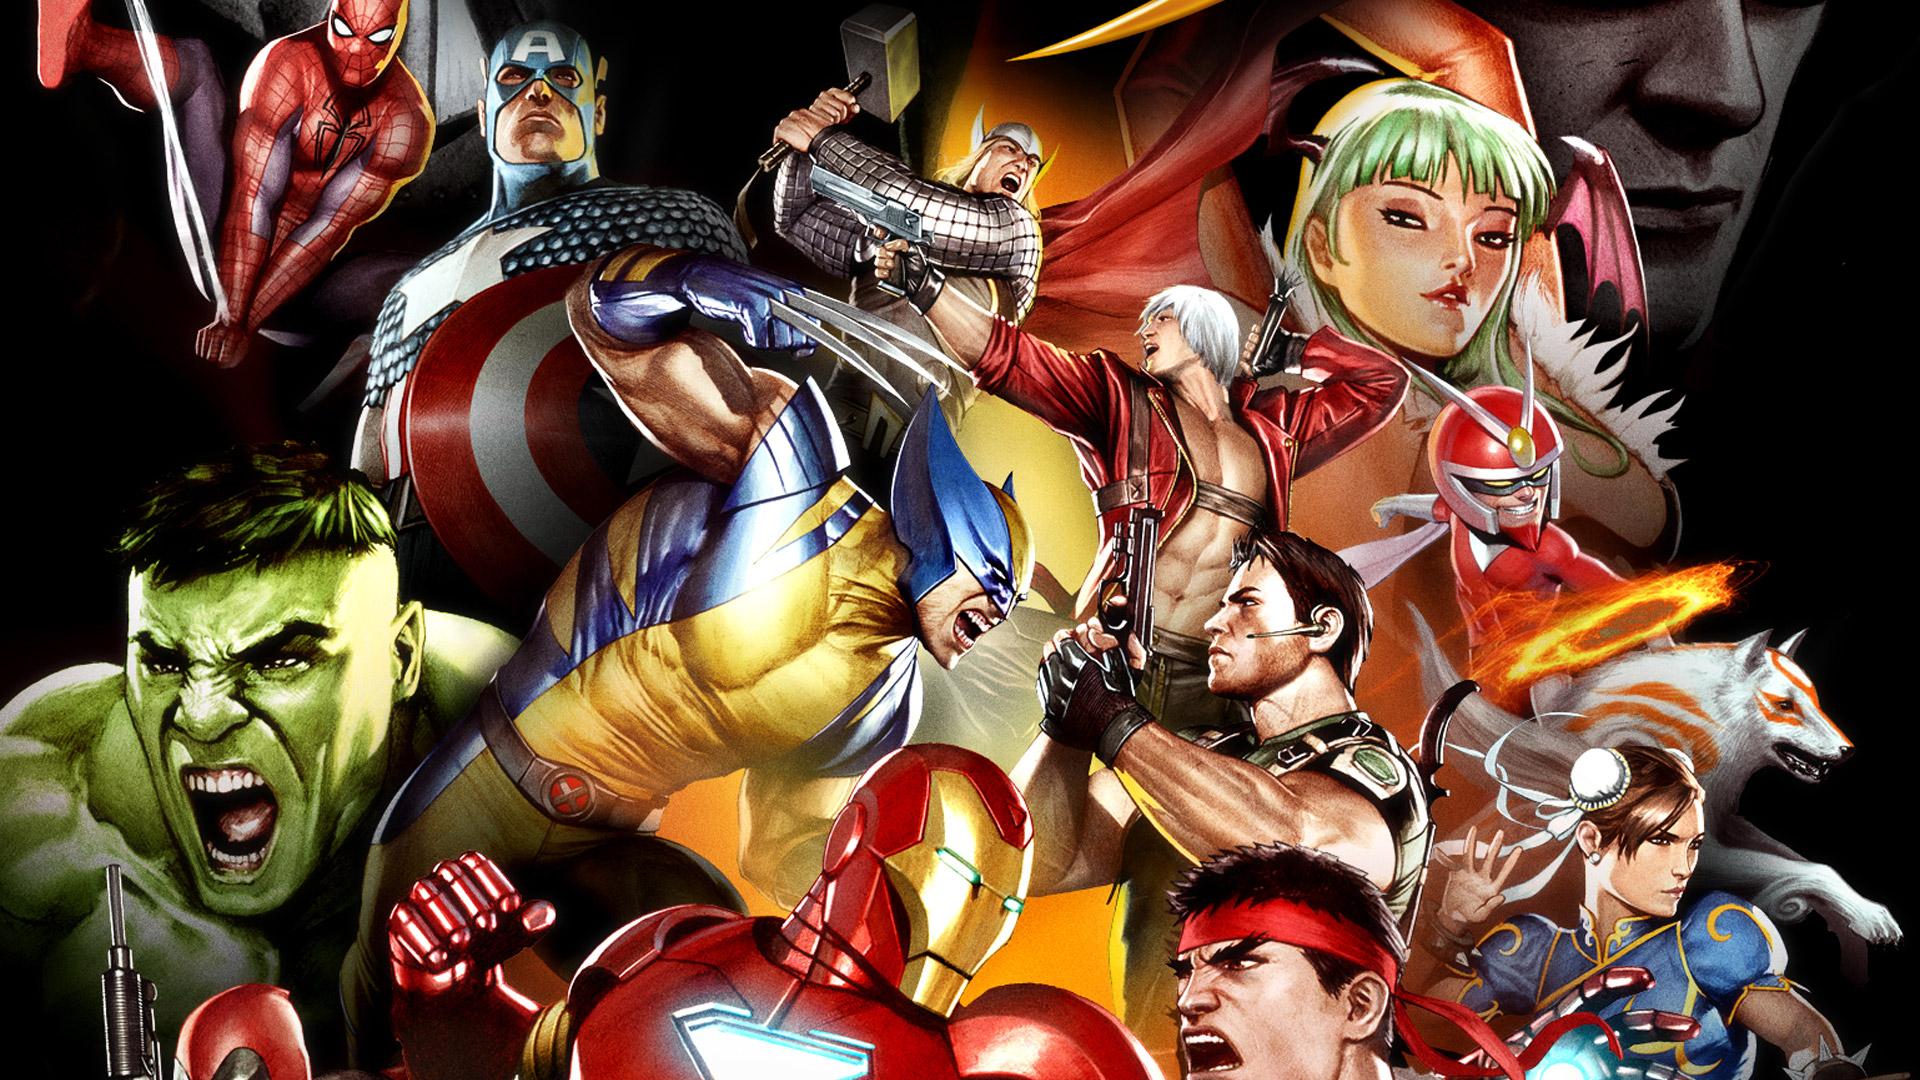 Free Download Pics Photos Marvel Vs Capcom 3 004 Desktop